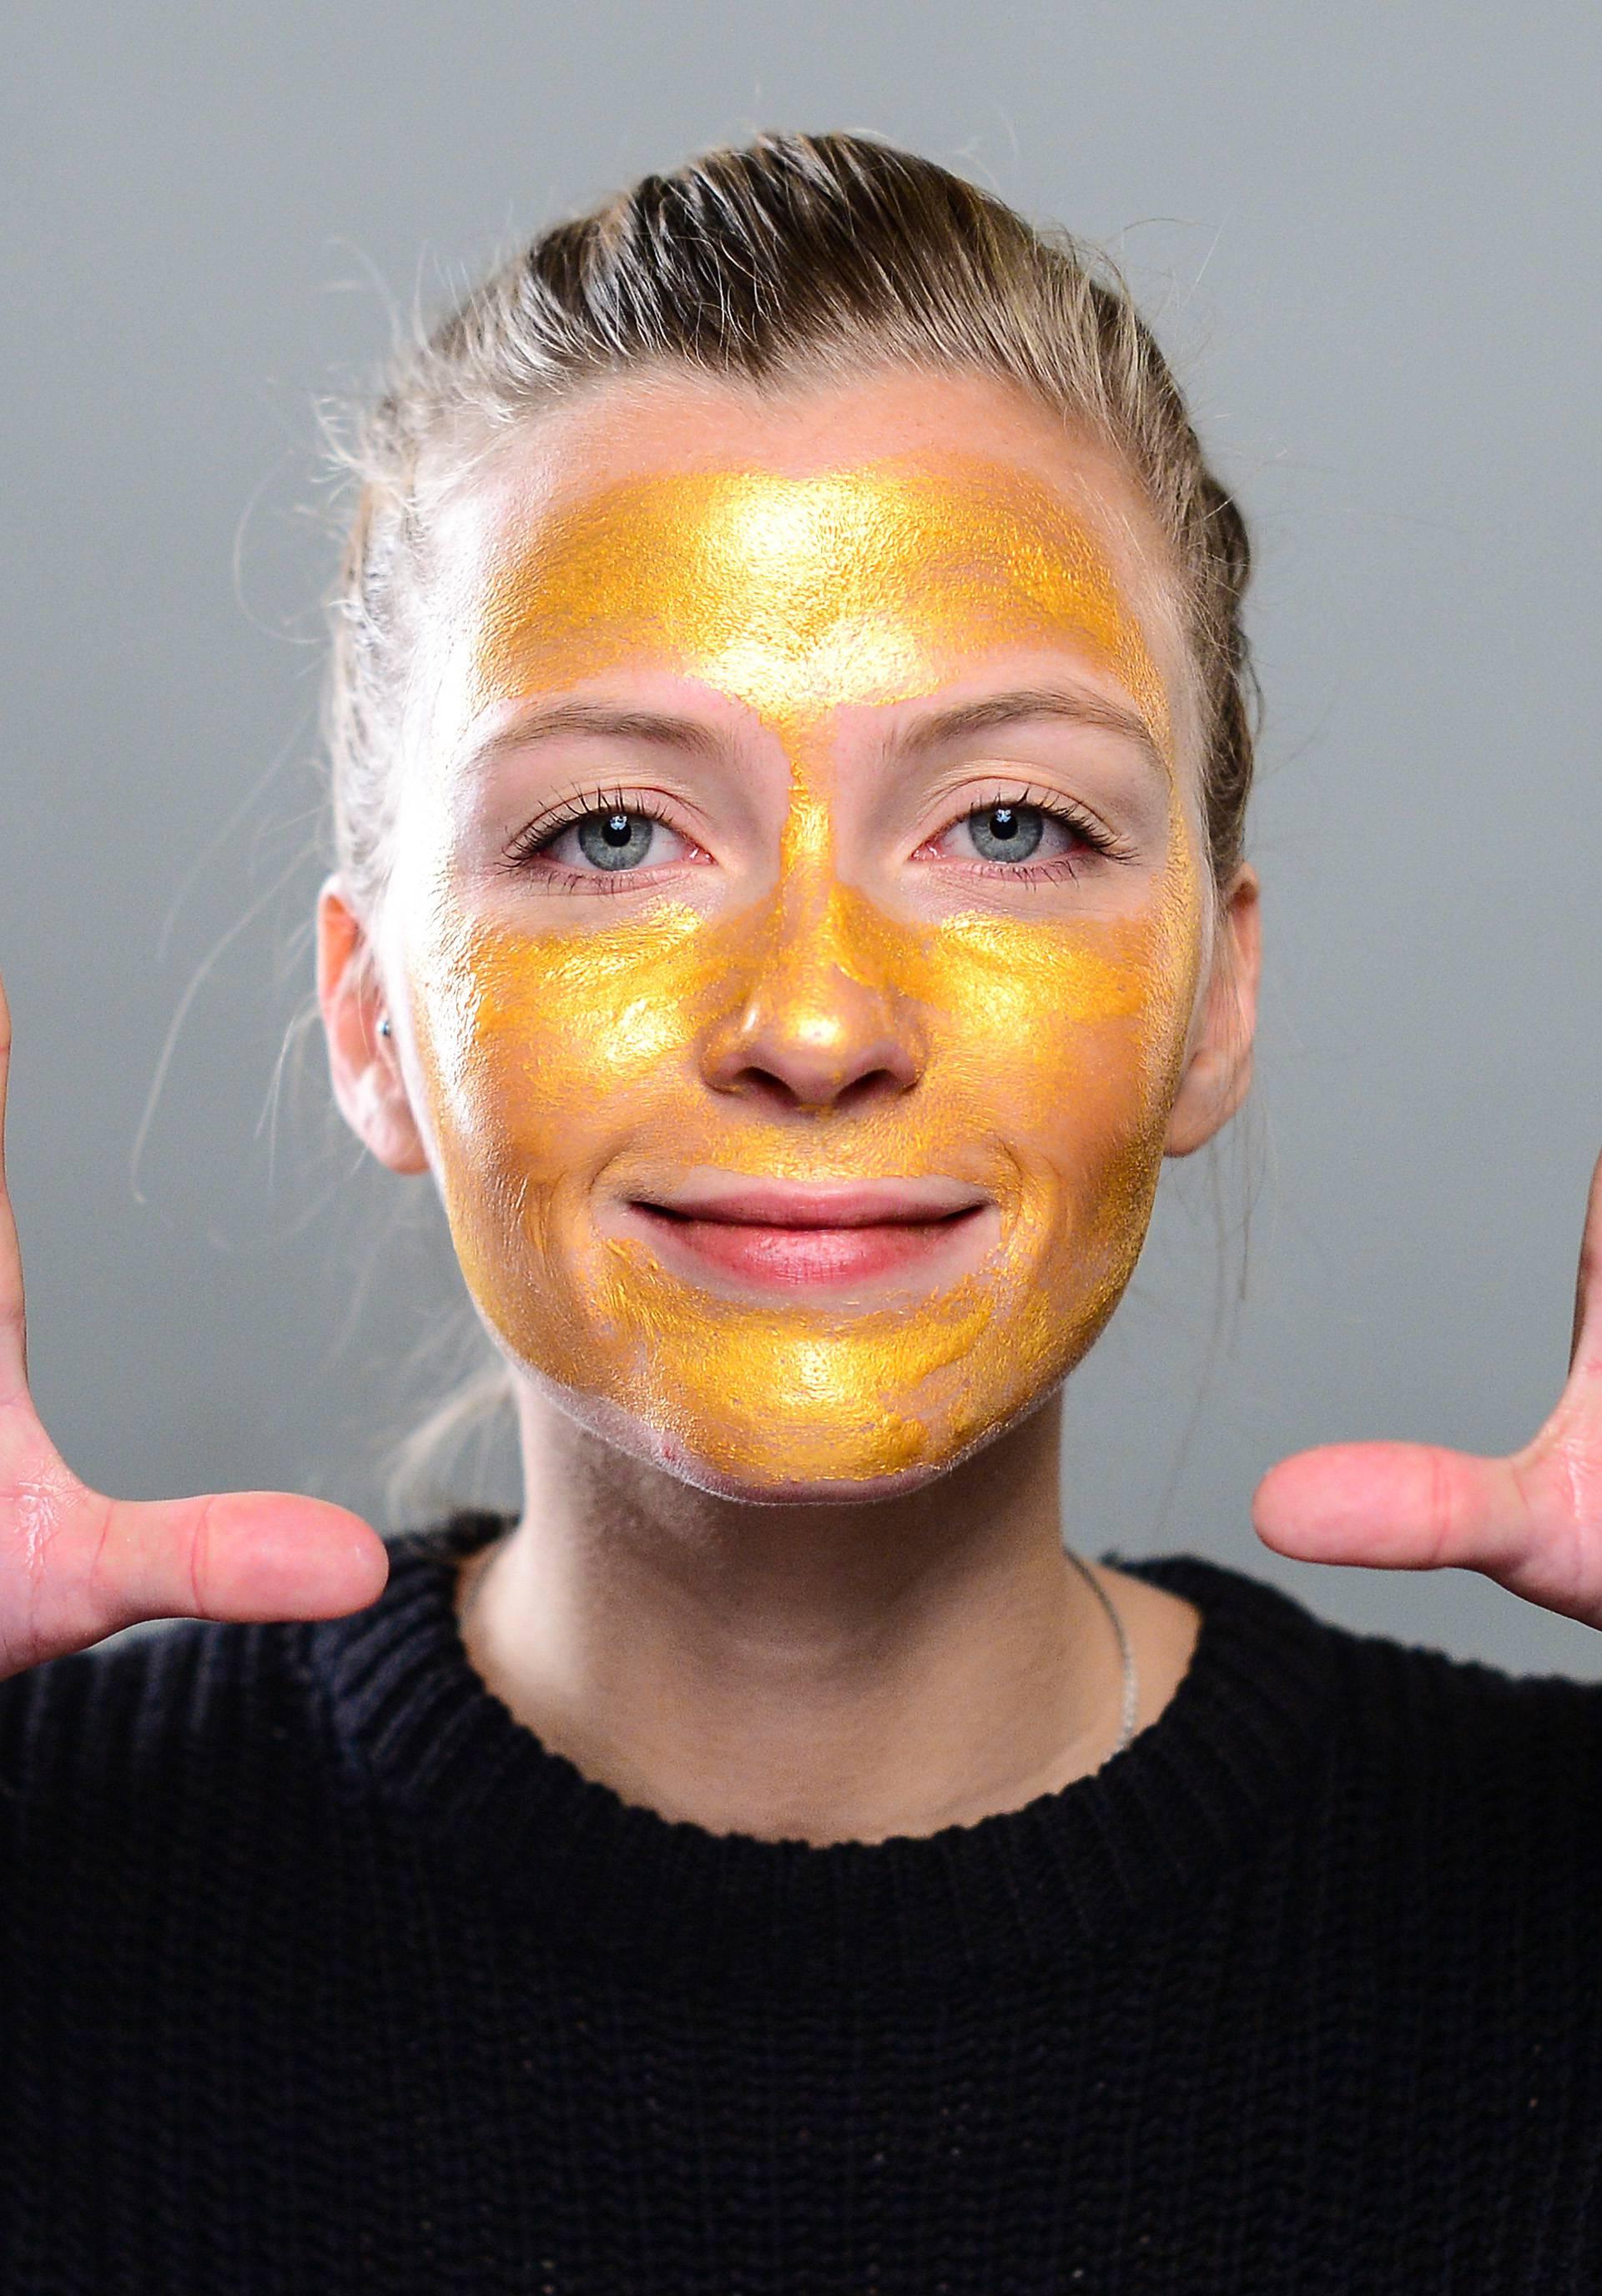 Maske za lice ne smijete držati predugo jer mogu oštetiti kožu